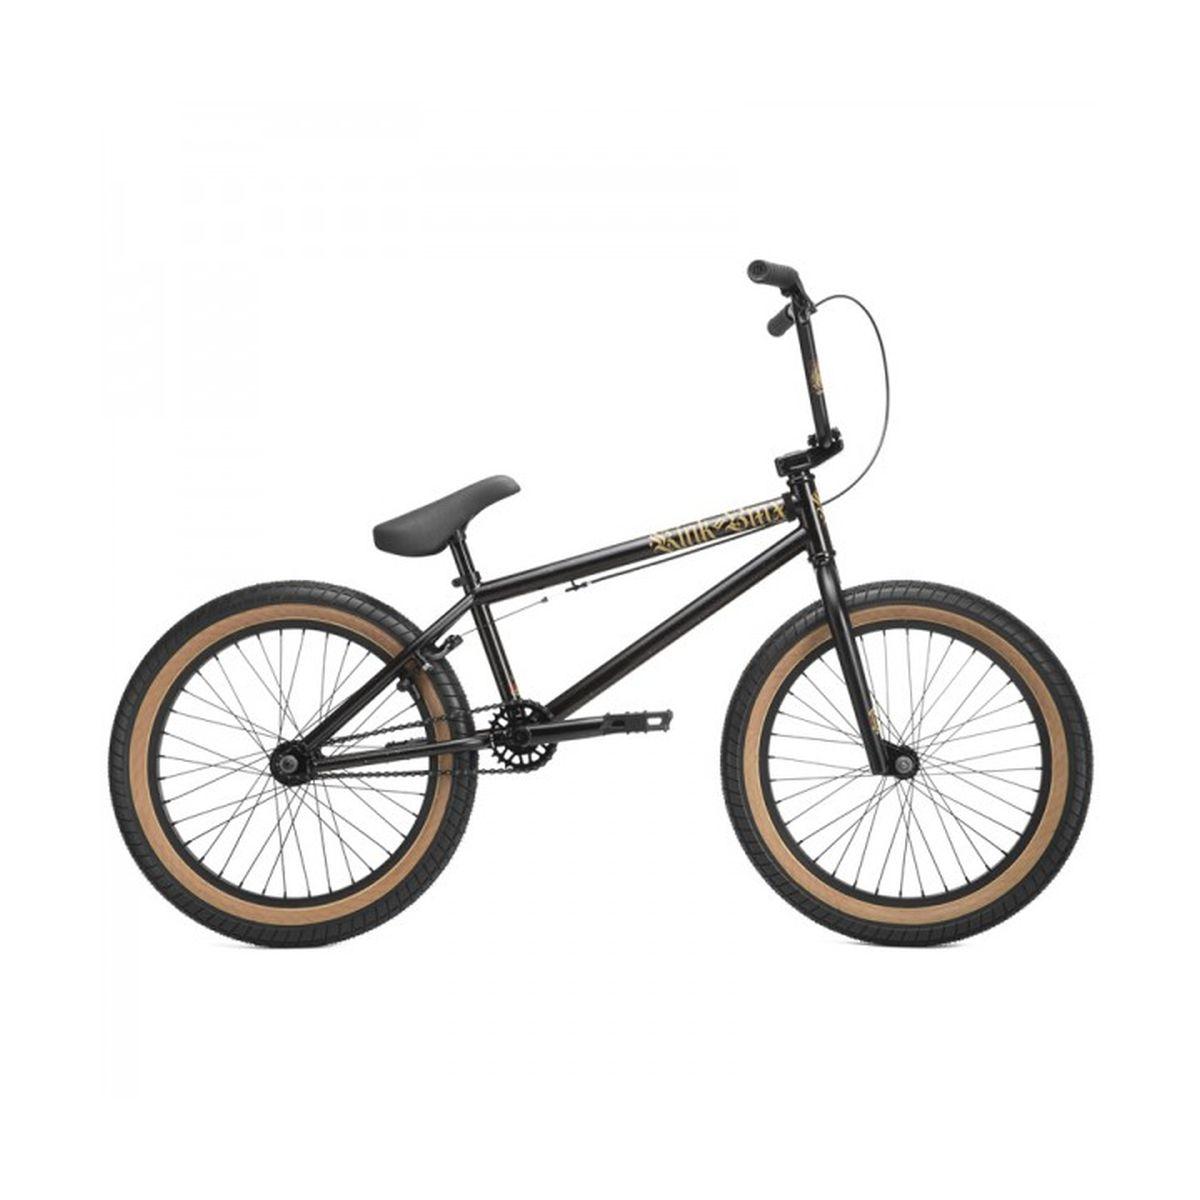 Rower Kink Curb 9 Black Goldschlager Sklep Avebmx